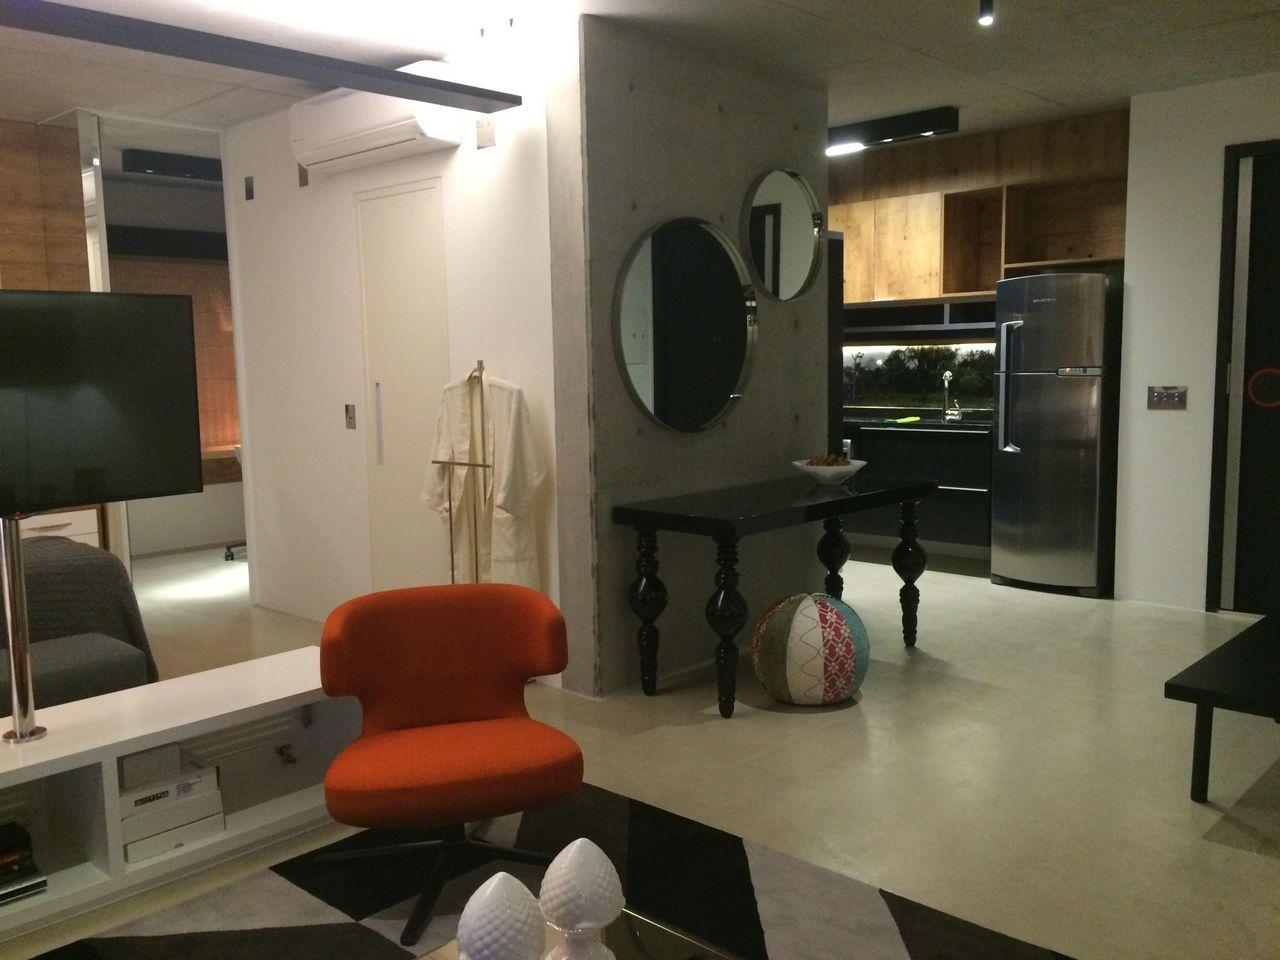 #AE3D17 decoração sala de estar sala de estar com aparador e espelho 1280x960 píxeis em Decoração De Sala De Estar Com Espelhos